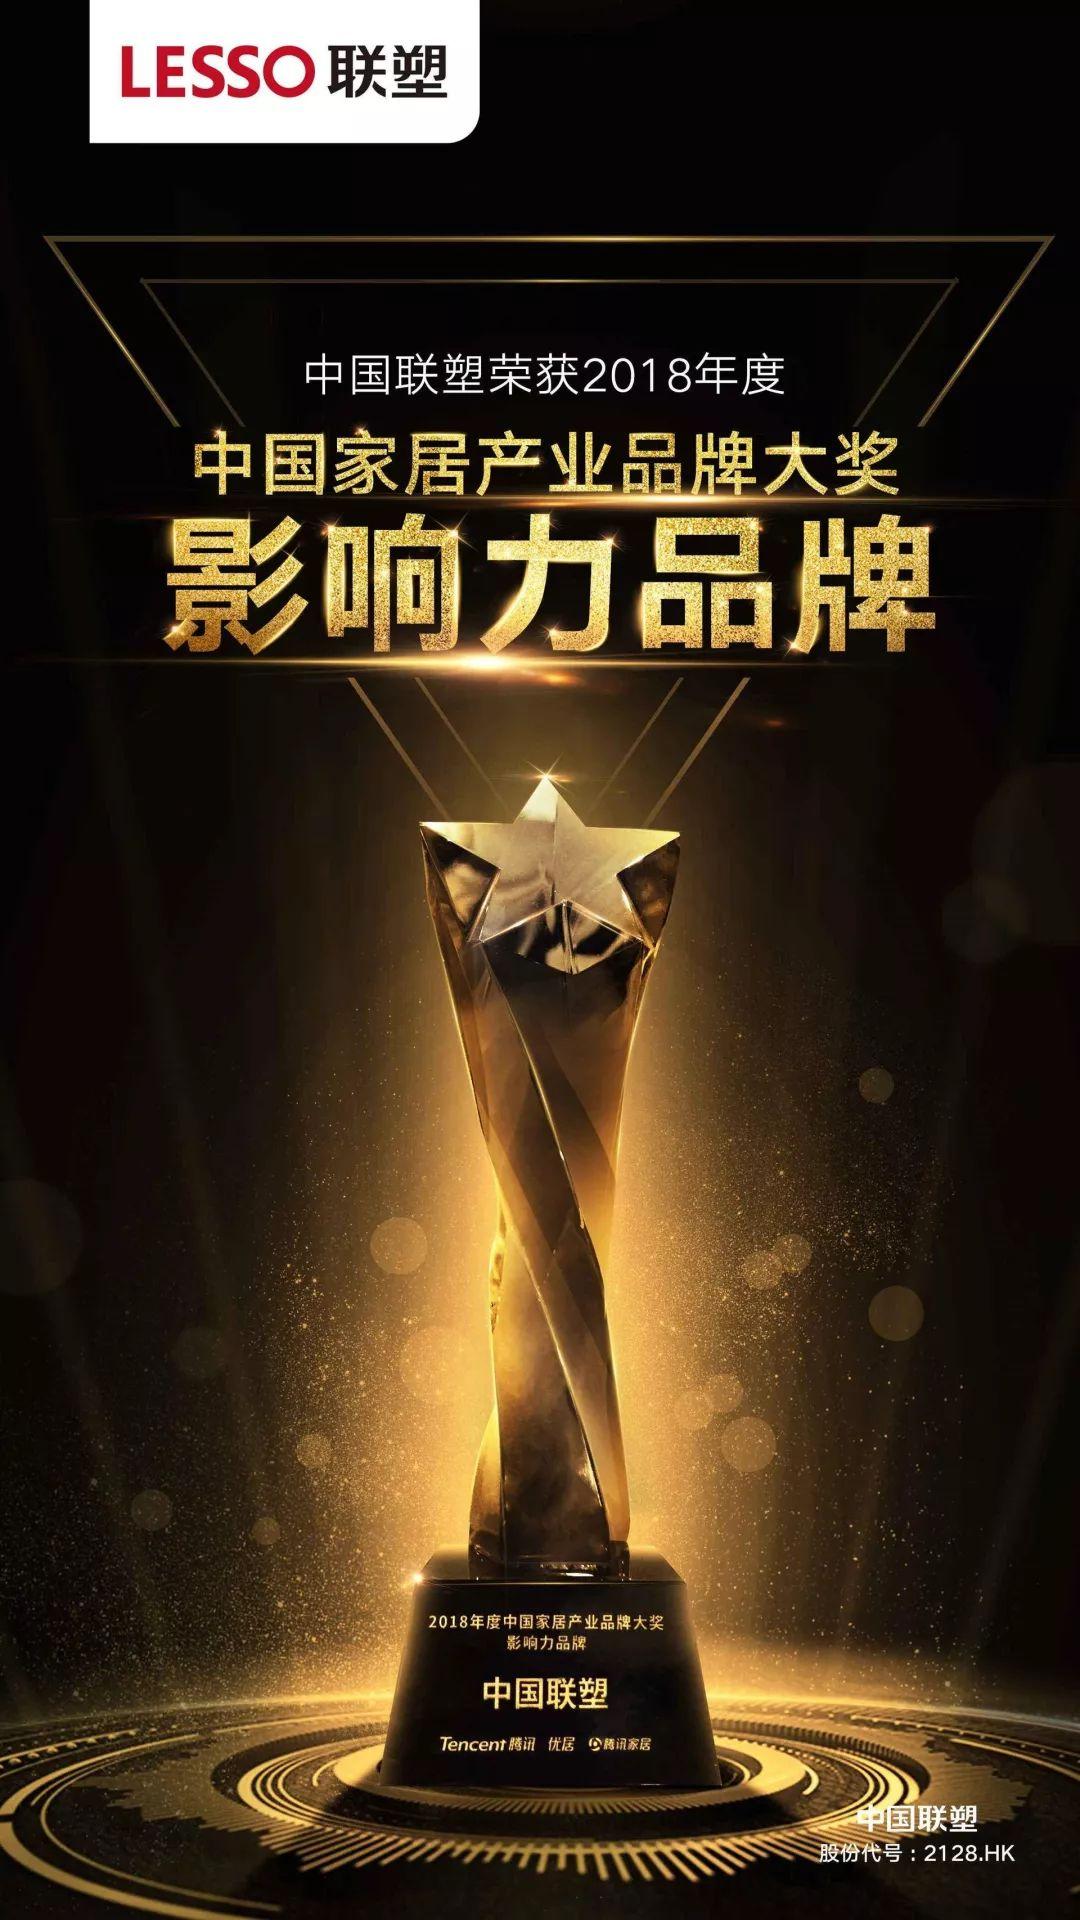 2018年度中国家居产品品牌大奖——影响力品牌